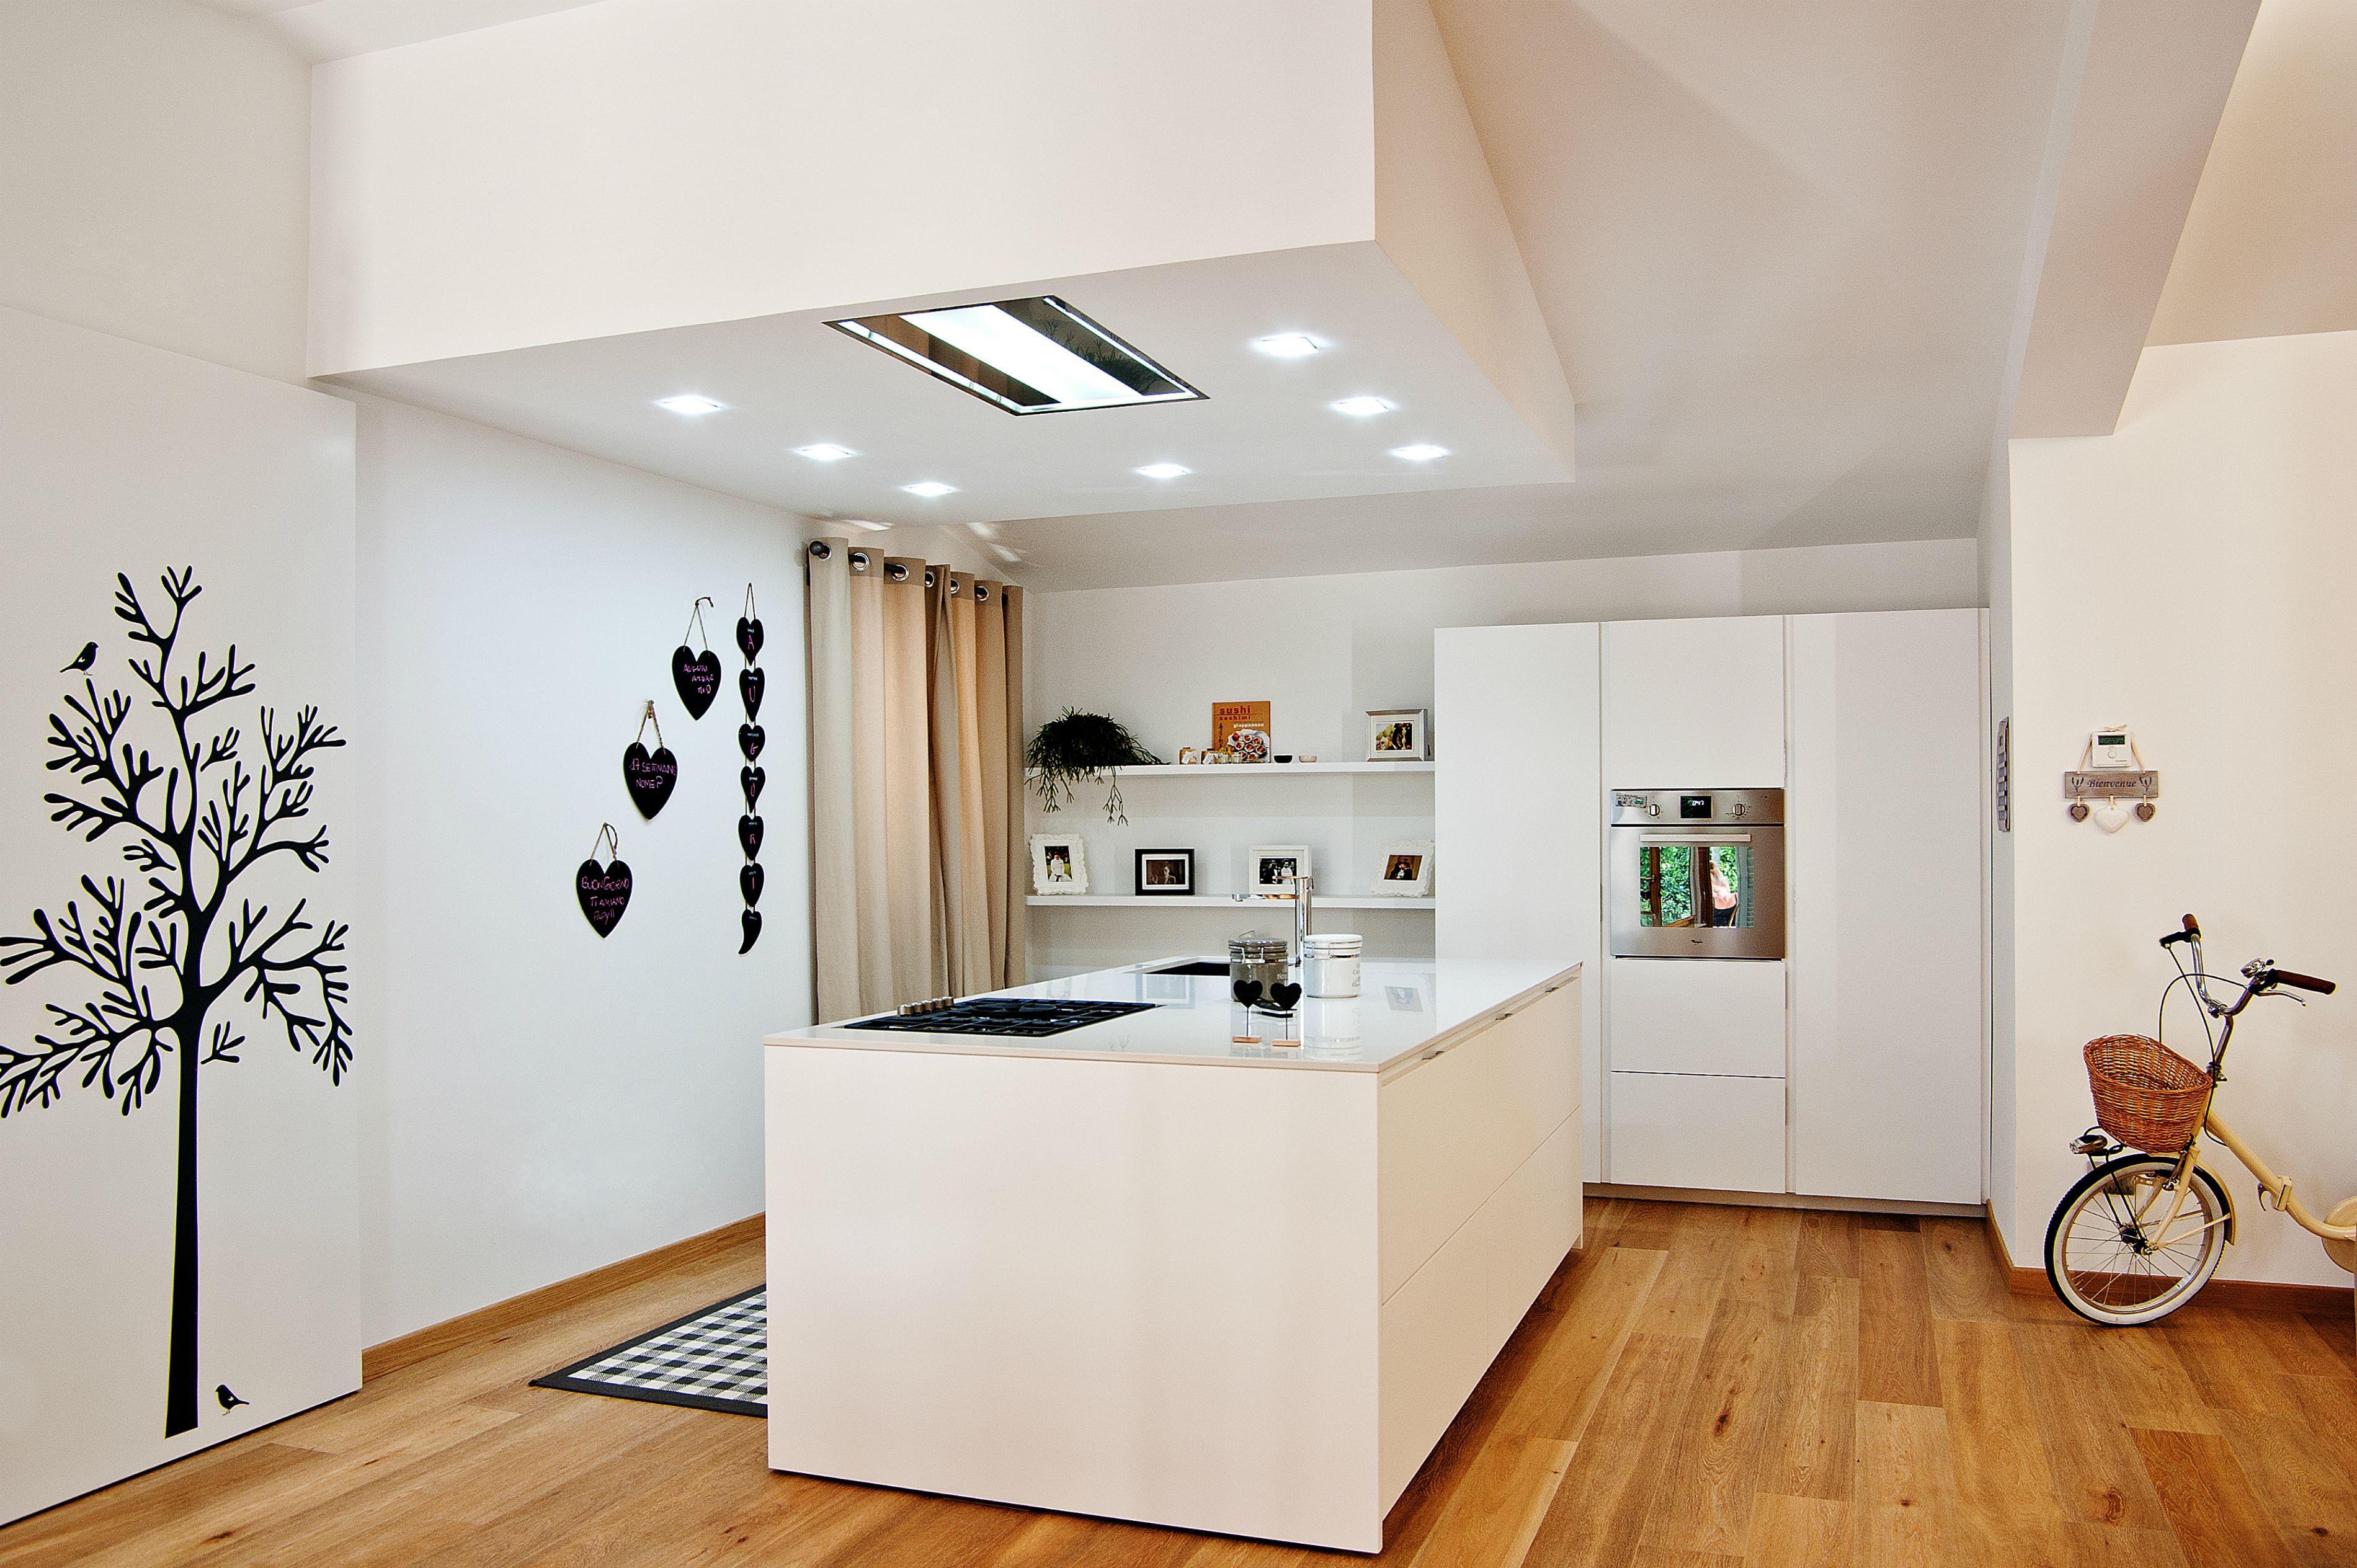 Cucina VISION di GATTOCUCINE laccato bianco lucido, top in okite ed ...